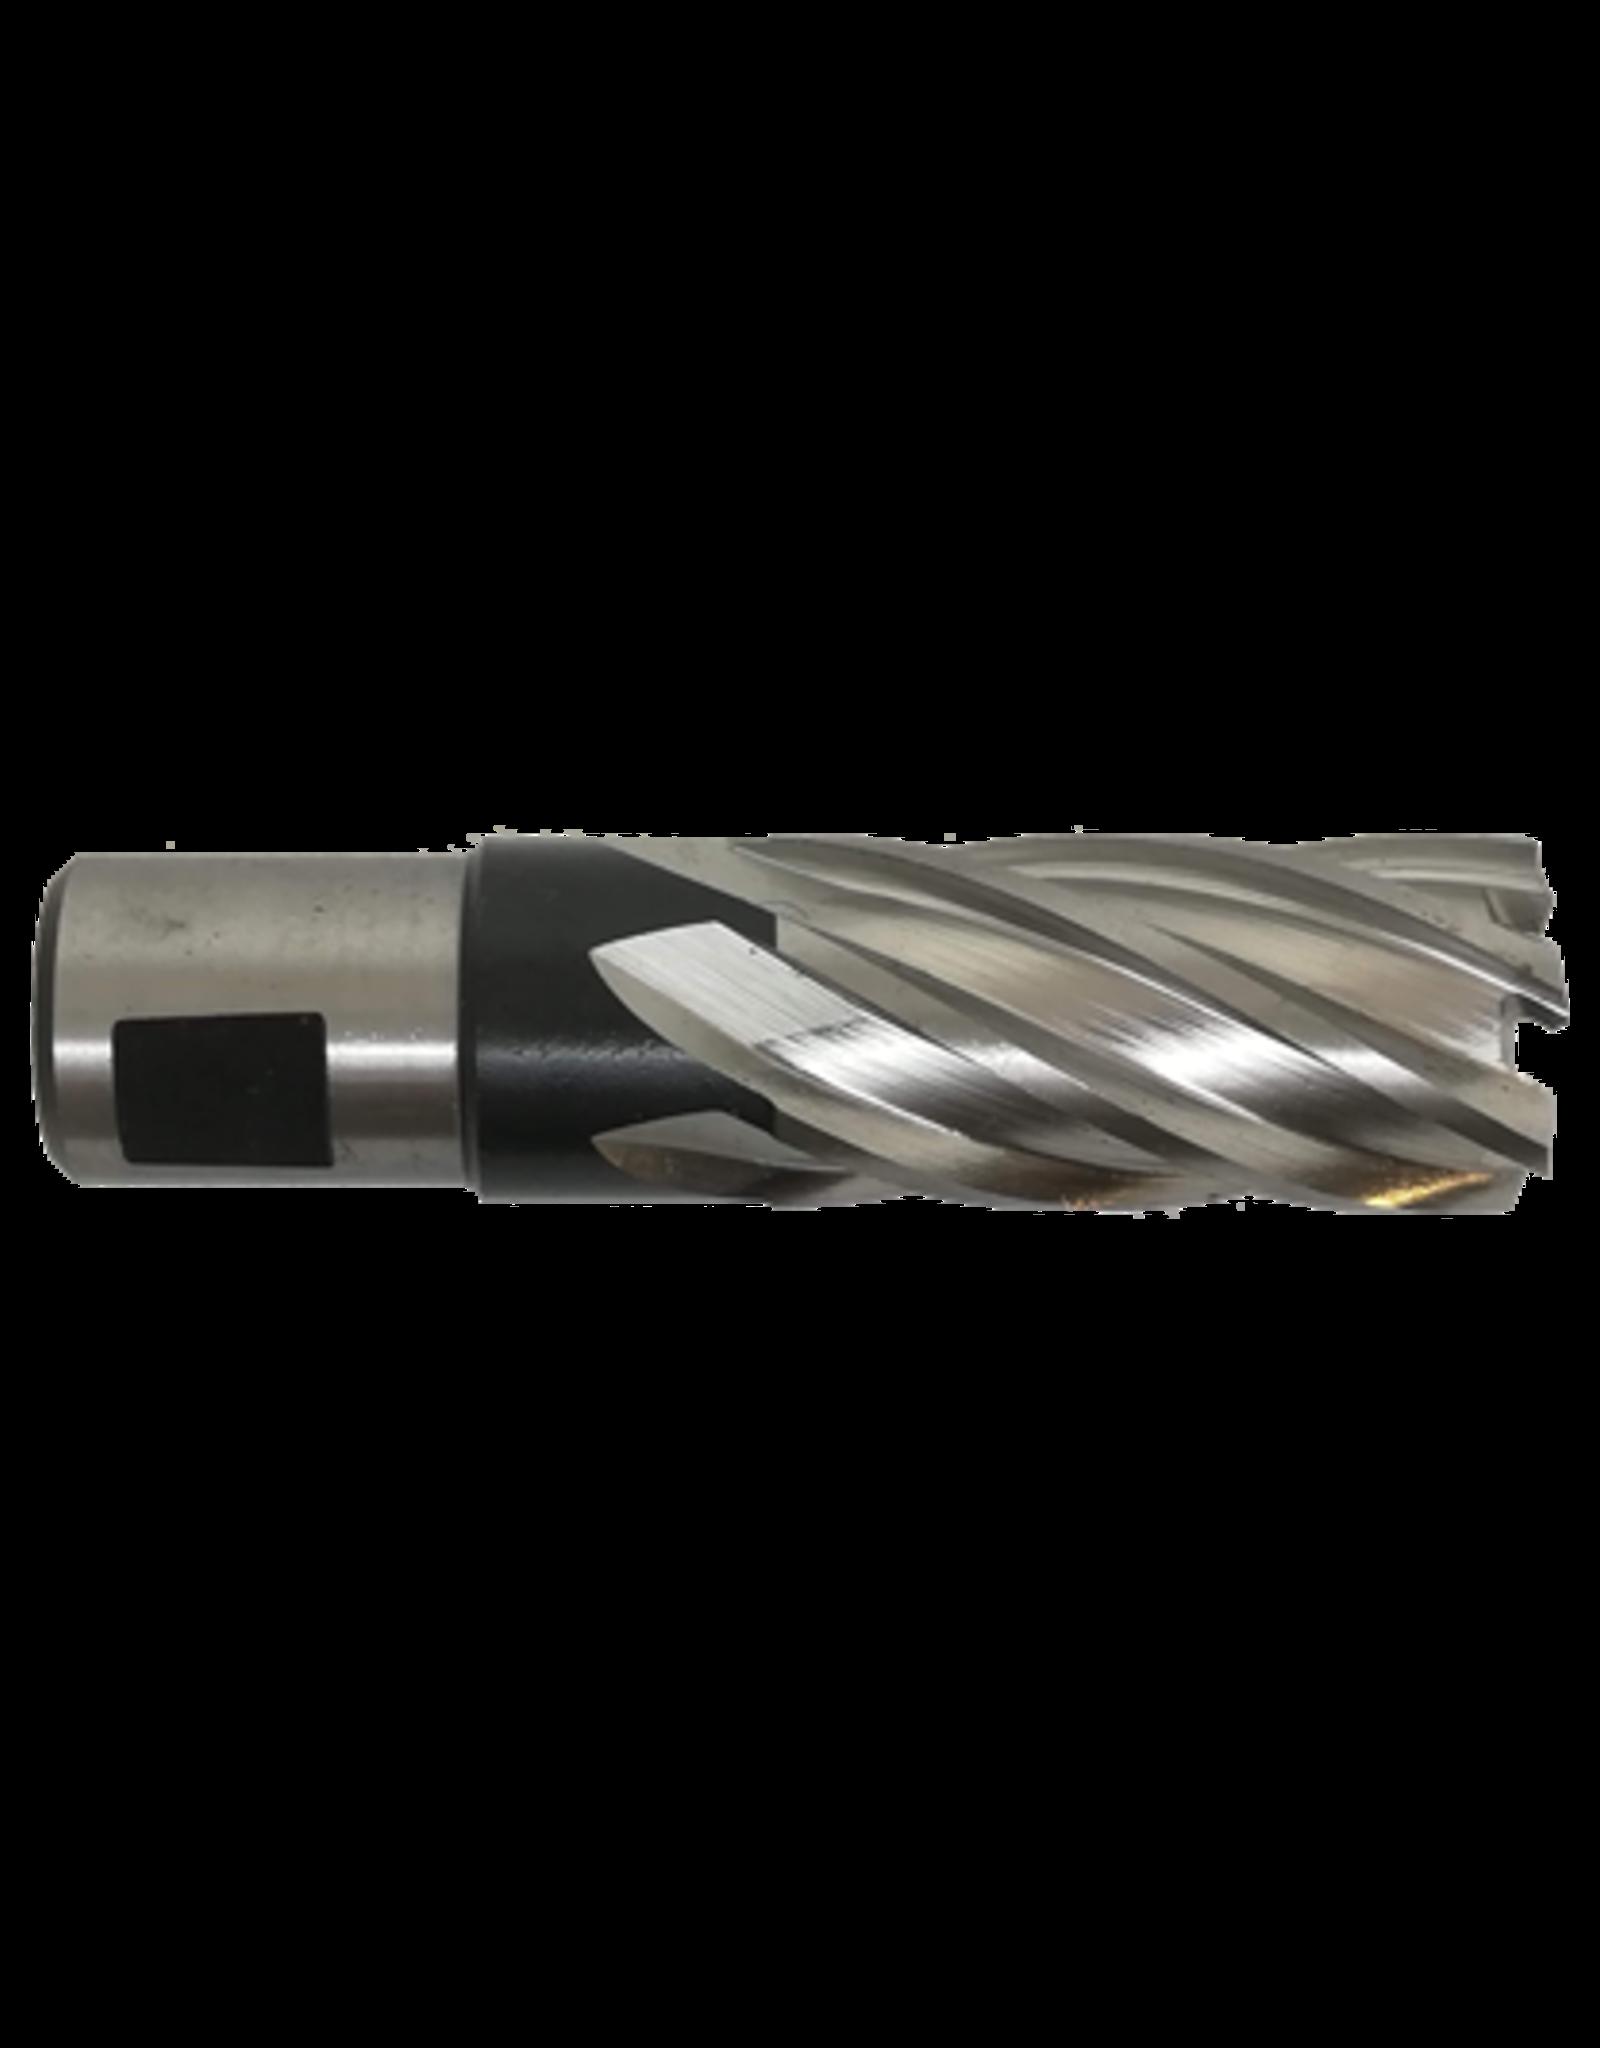 Evolution Power Tools Steel Line EVOLUTION LANGE HSS KERNFREES - 23 MM